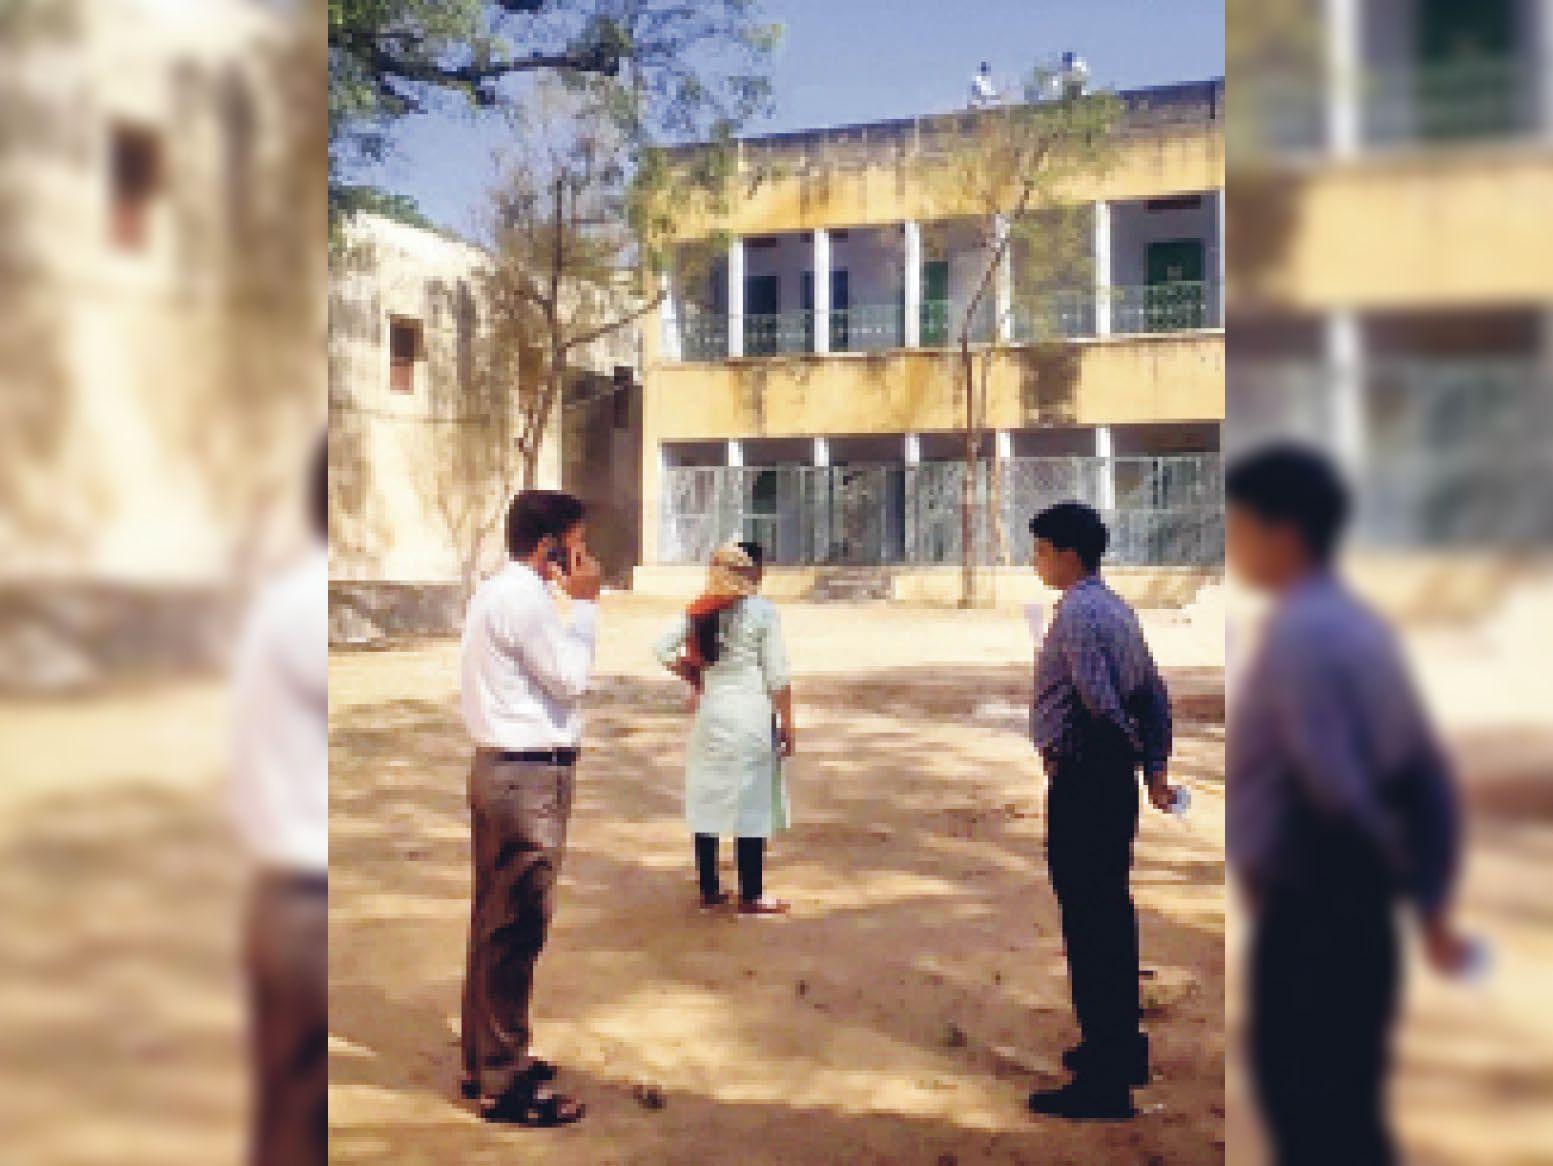 नीम को चट कर रही है हरी लट|नागौर,Nagaur - Dainik Bhaskar